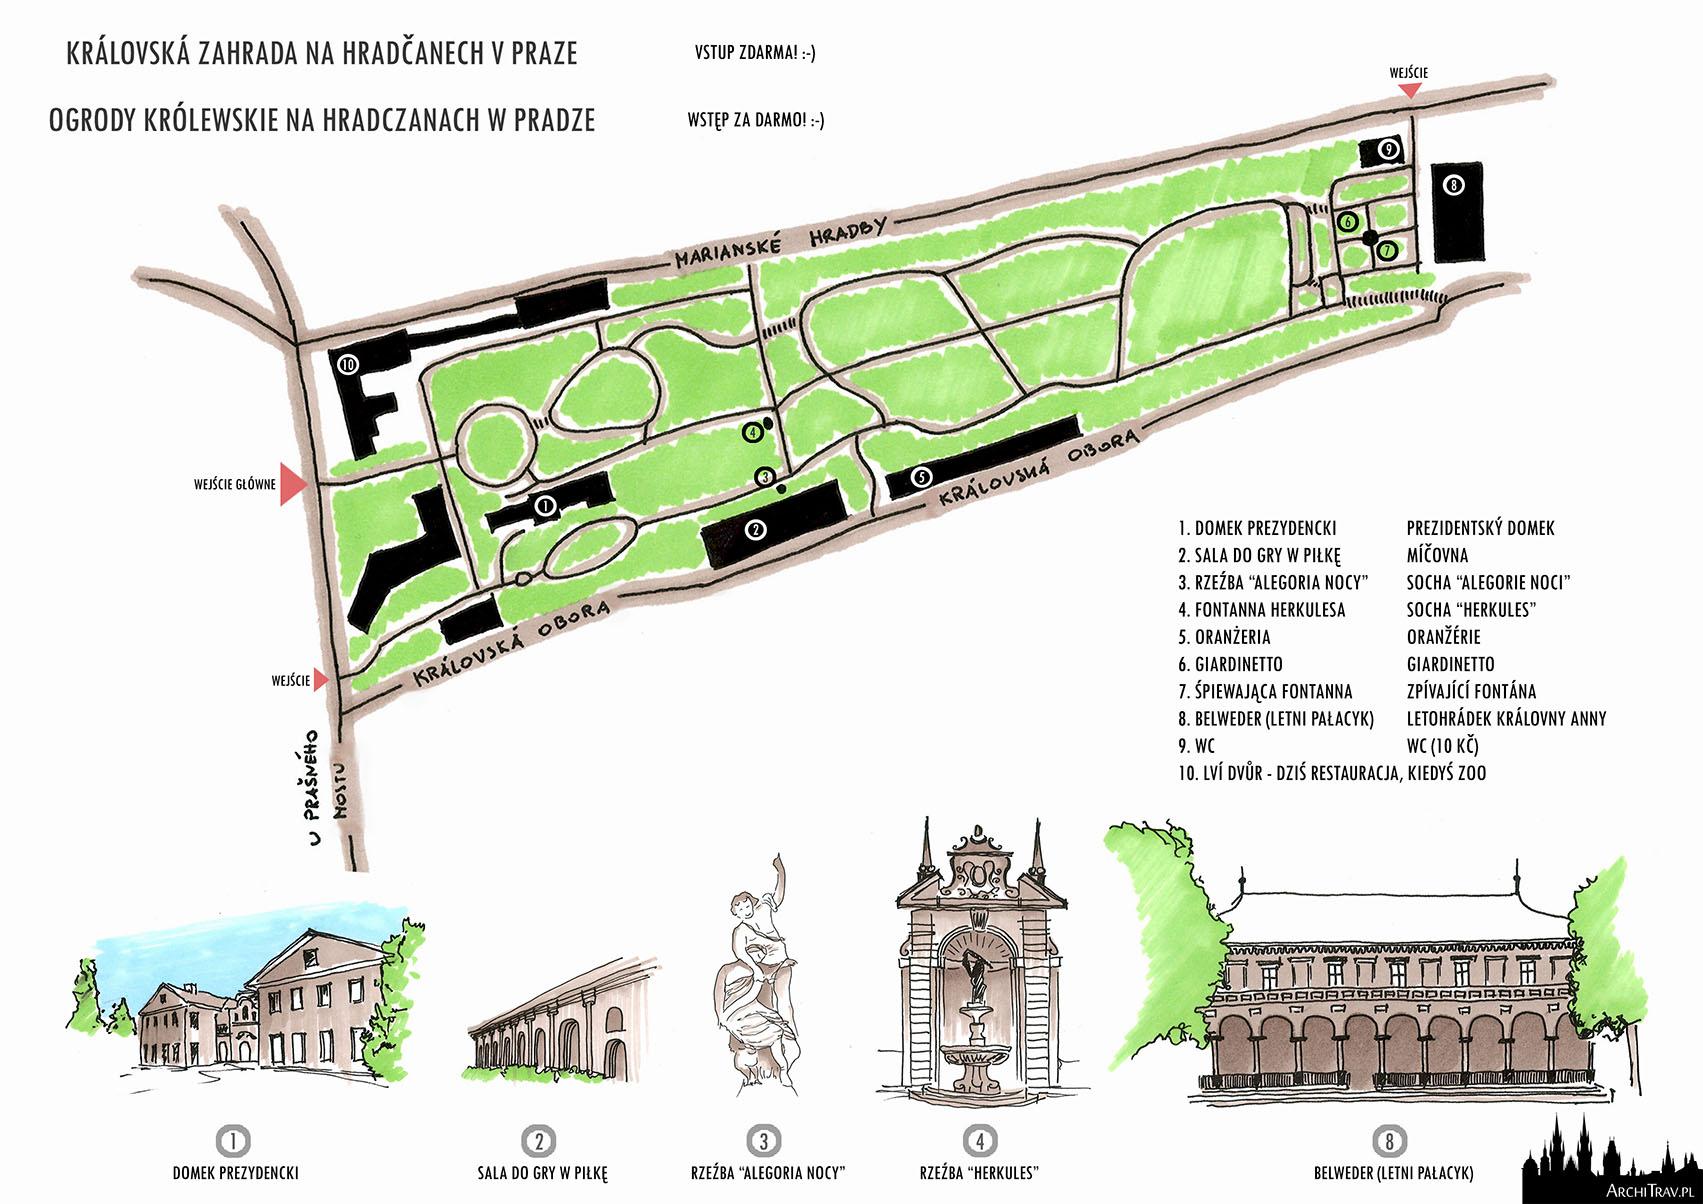 rysunek odręczny. na górze plan Ogrodów Królewskich w Pradze, na dole małe rysunki poszczególnych obiektów znajdujących się w Ogrodach, dodatkowo zaznaczone obiekty na mapce i wypisane po prawej stronie